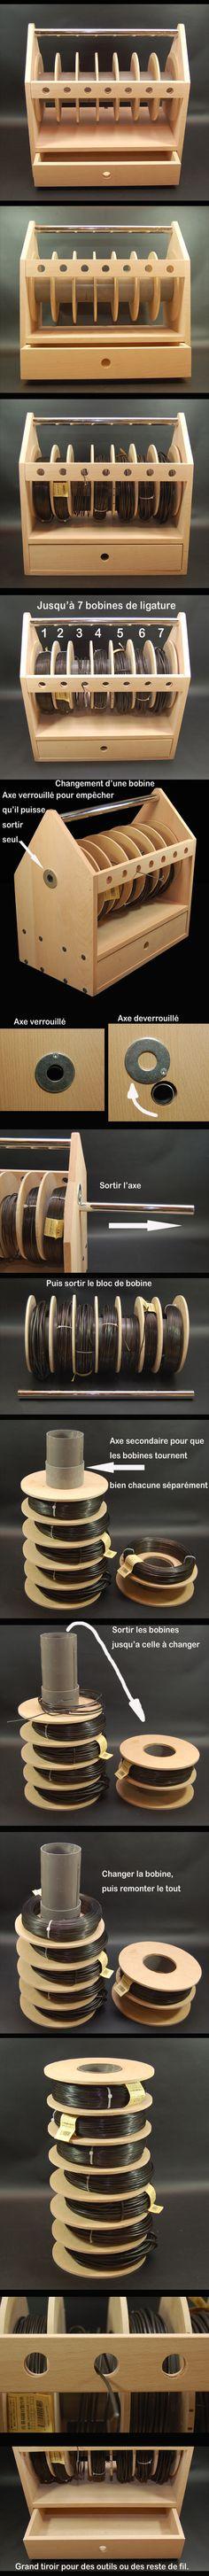 Dérouleur pour fil de ligature, Dérouleur pour fil de ligature, LIGATURE - Poterie du Monde